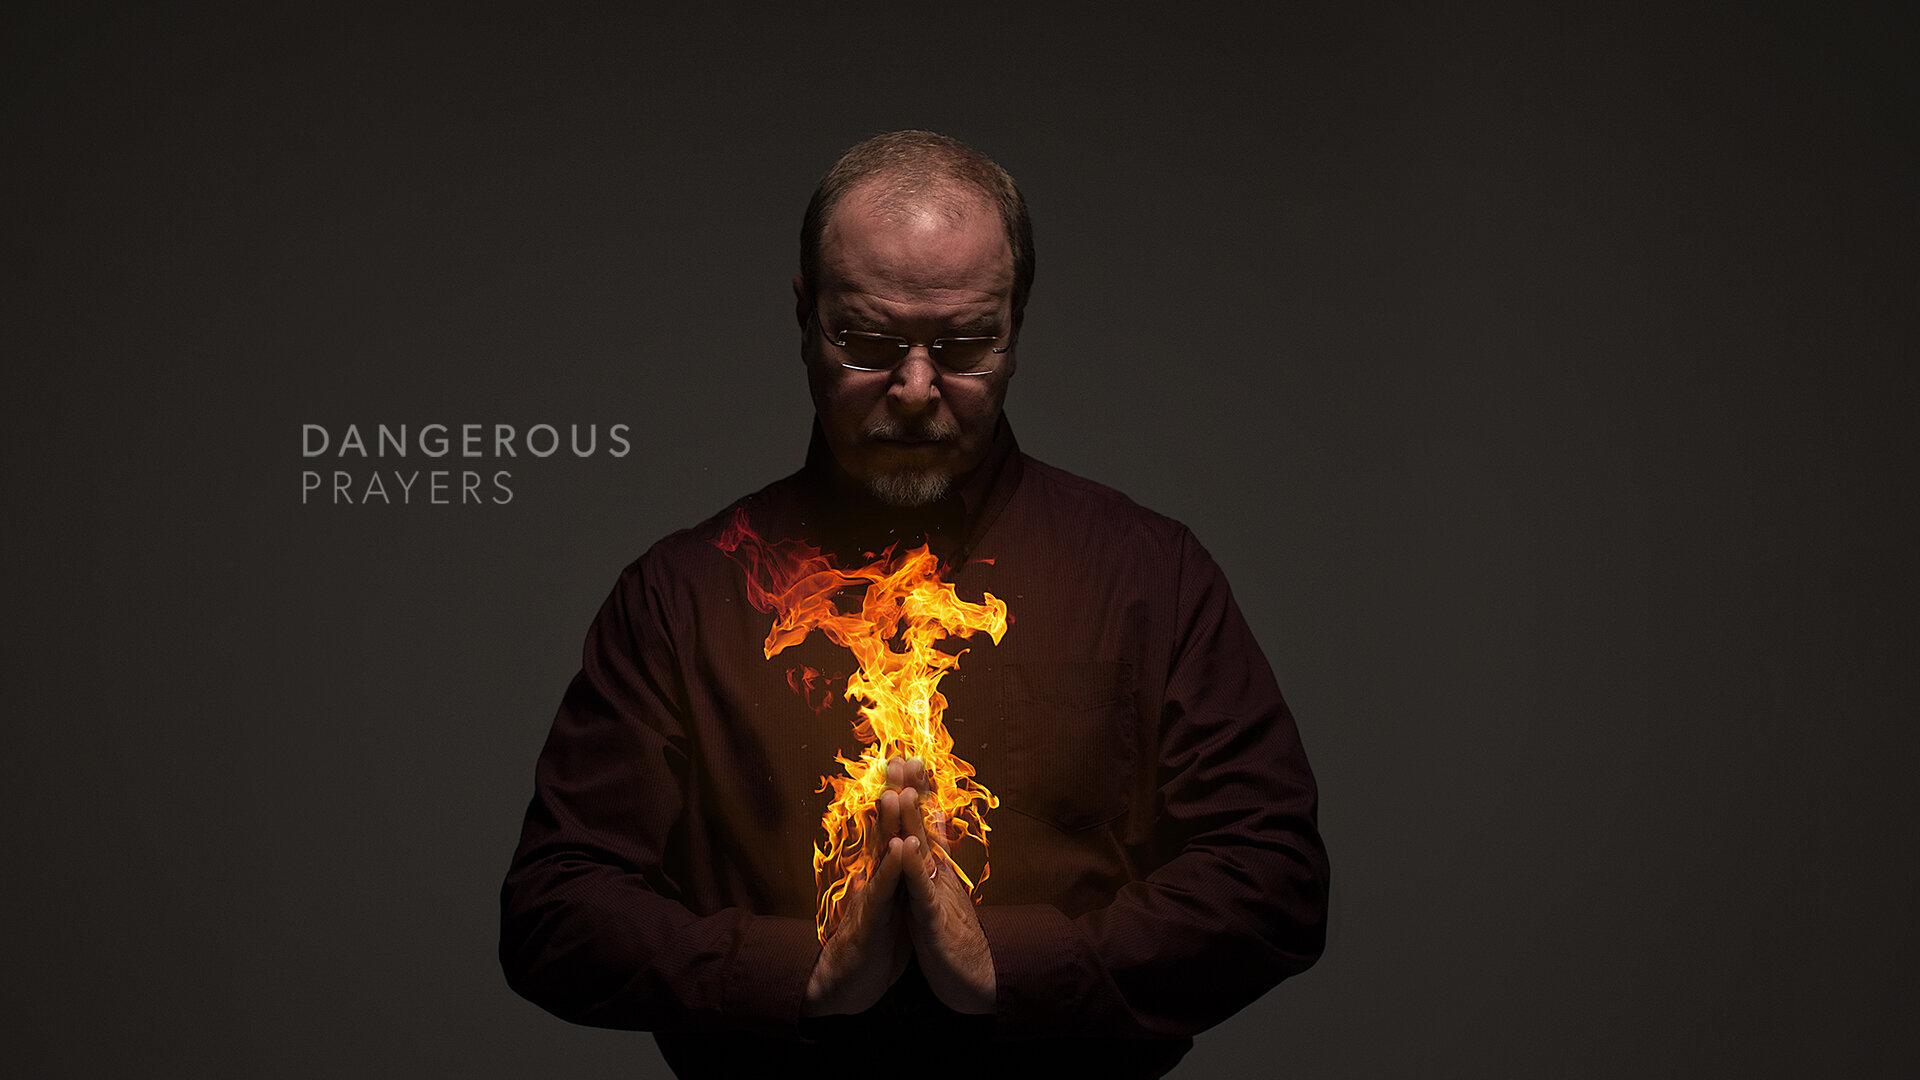 DangerousPrayers_Artwork_Man1.jpg